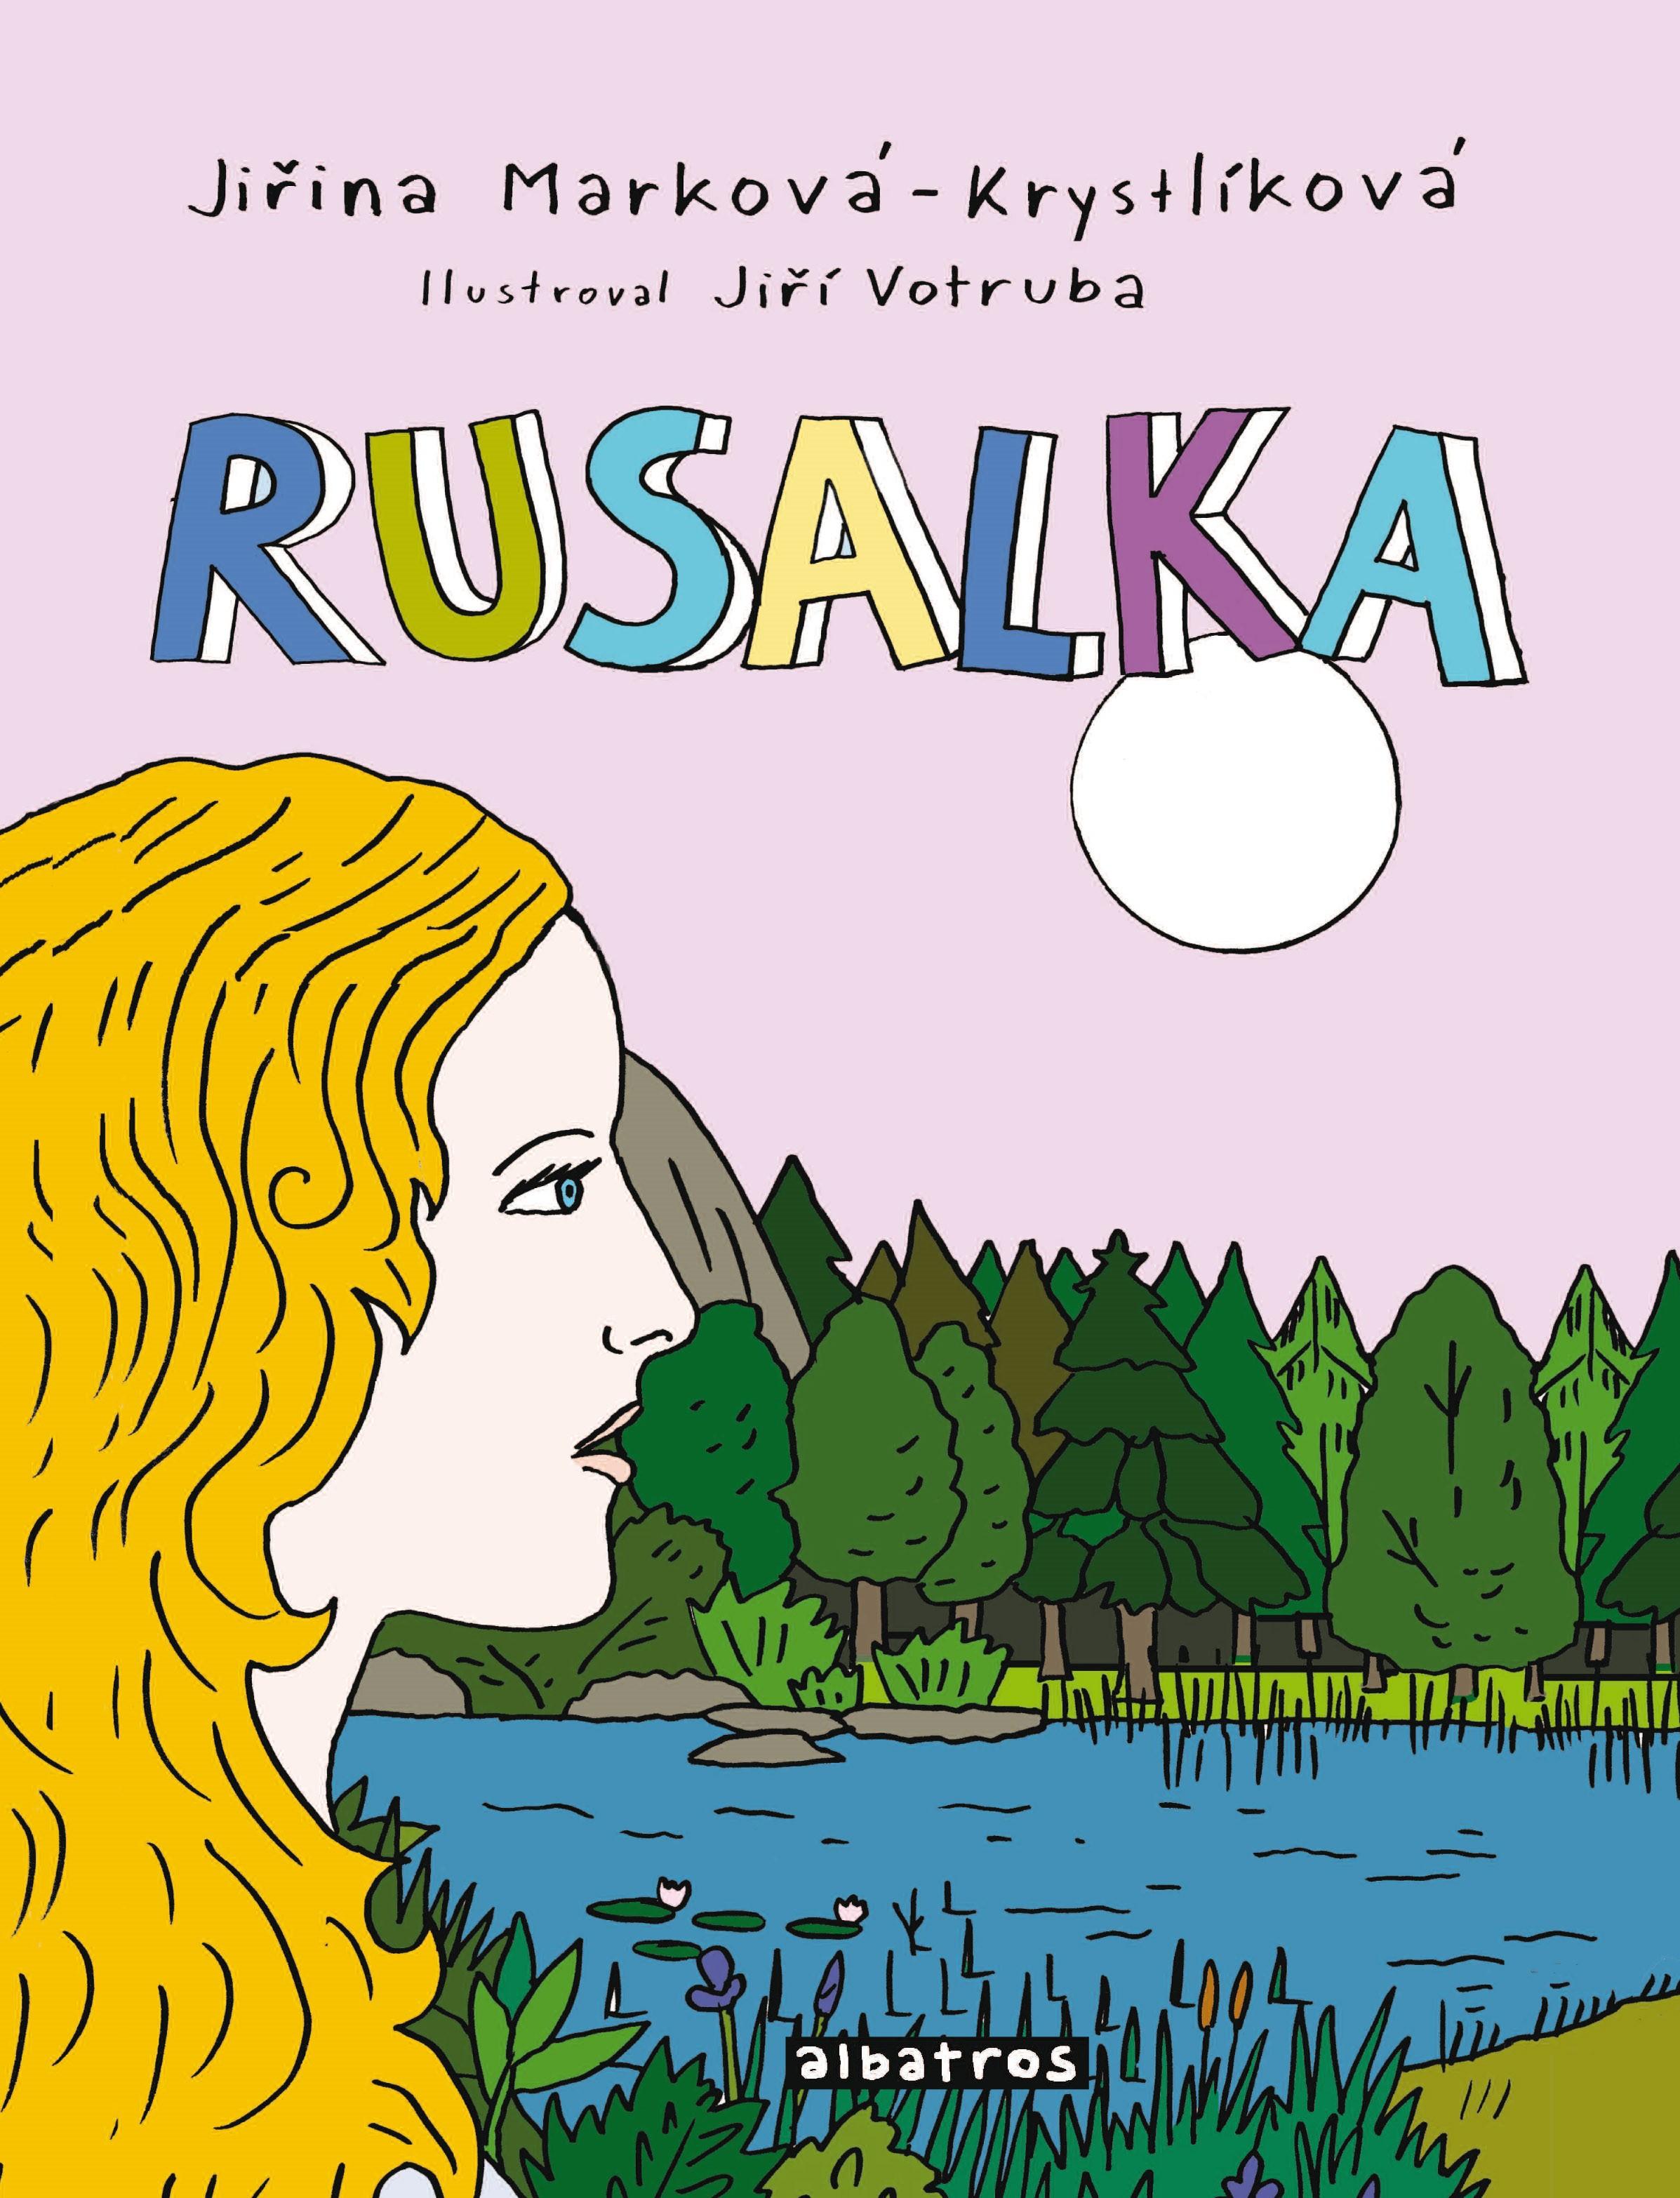 Rusalka | Jiří Votruba, Jiřina Marková-Krystlíková